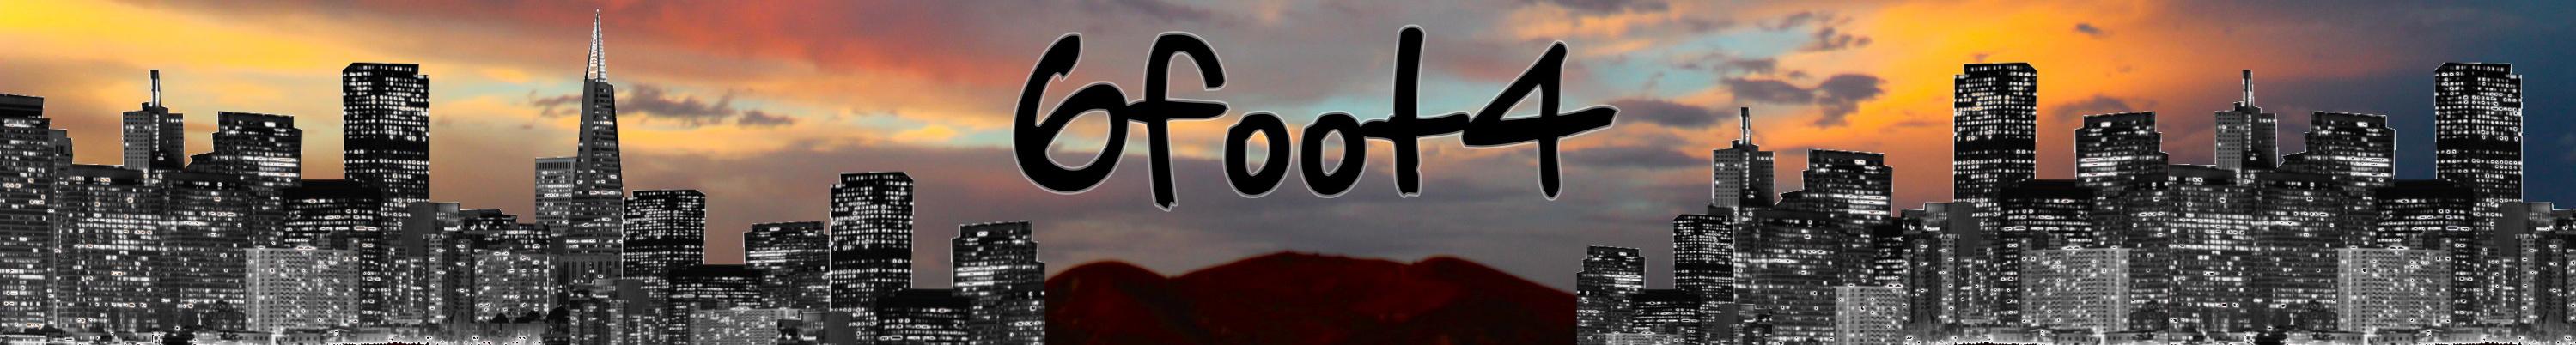 6foot4